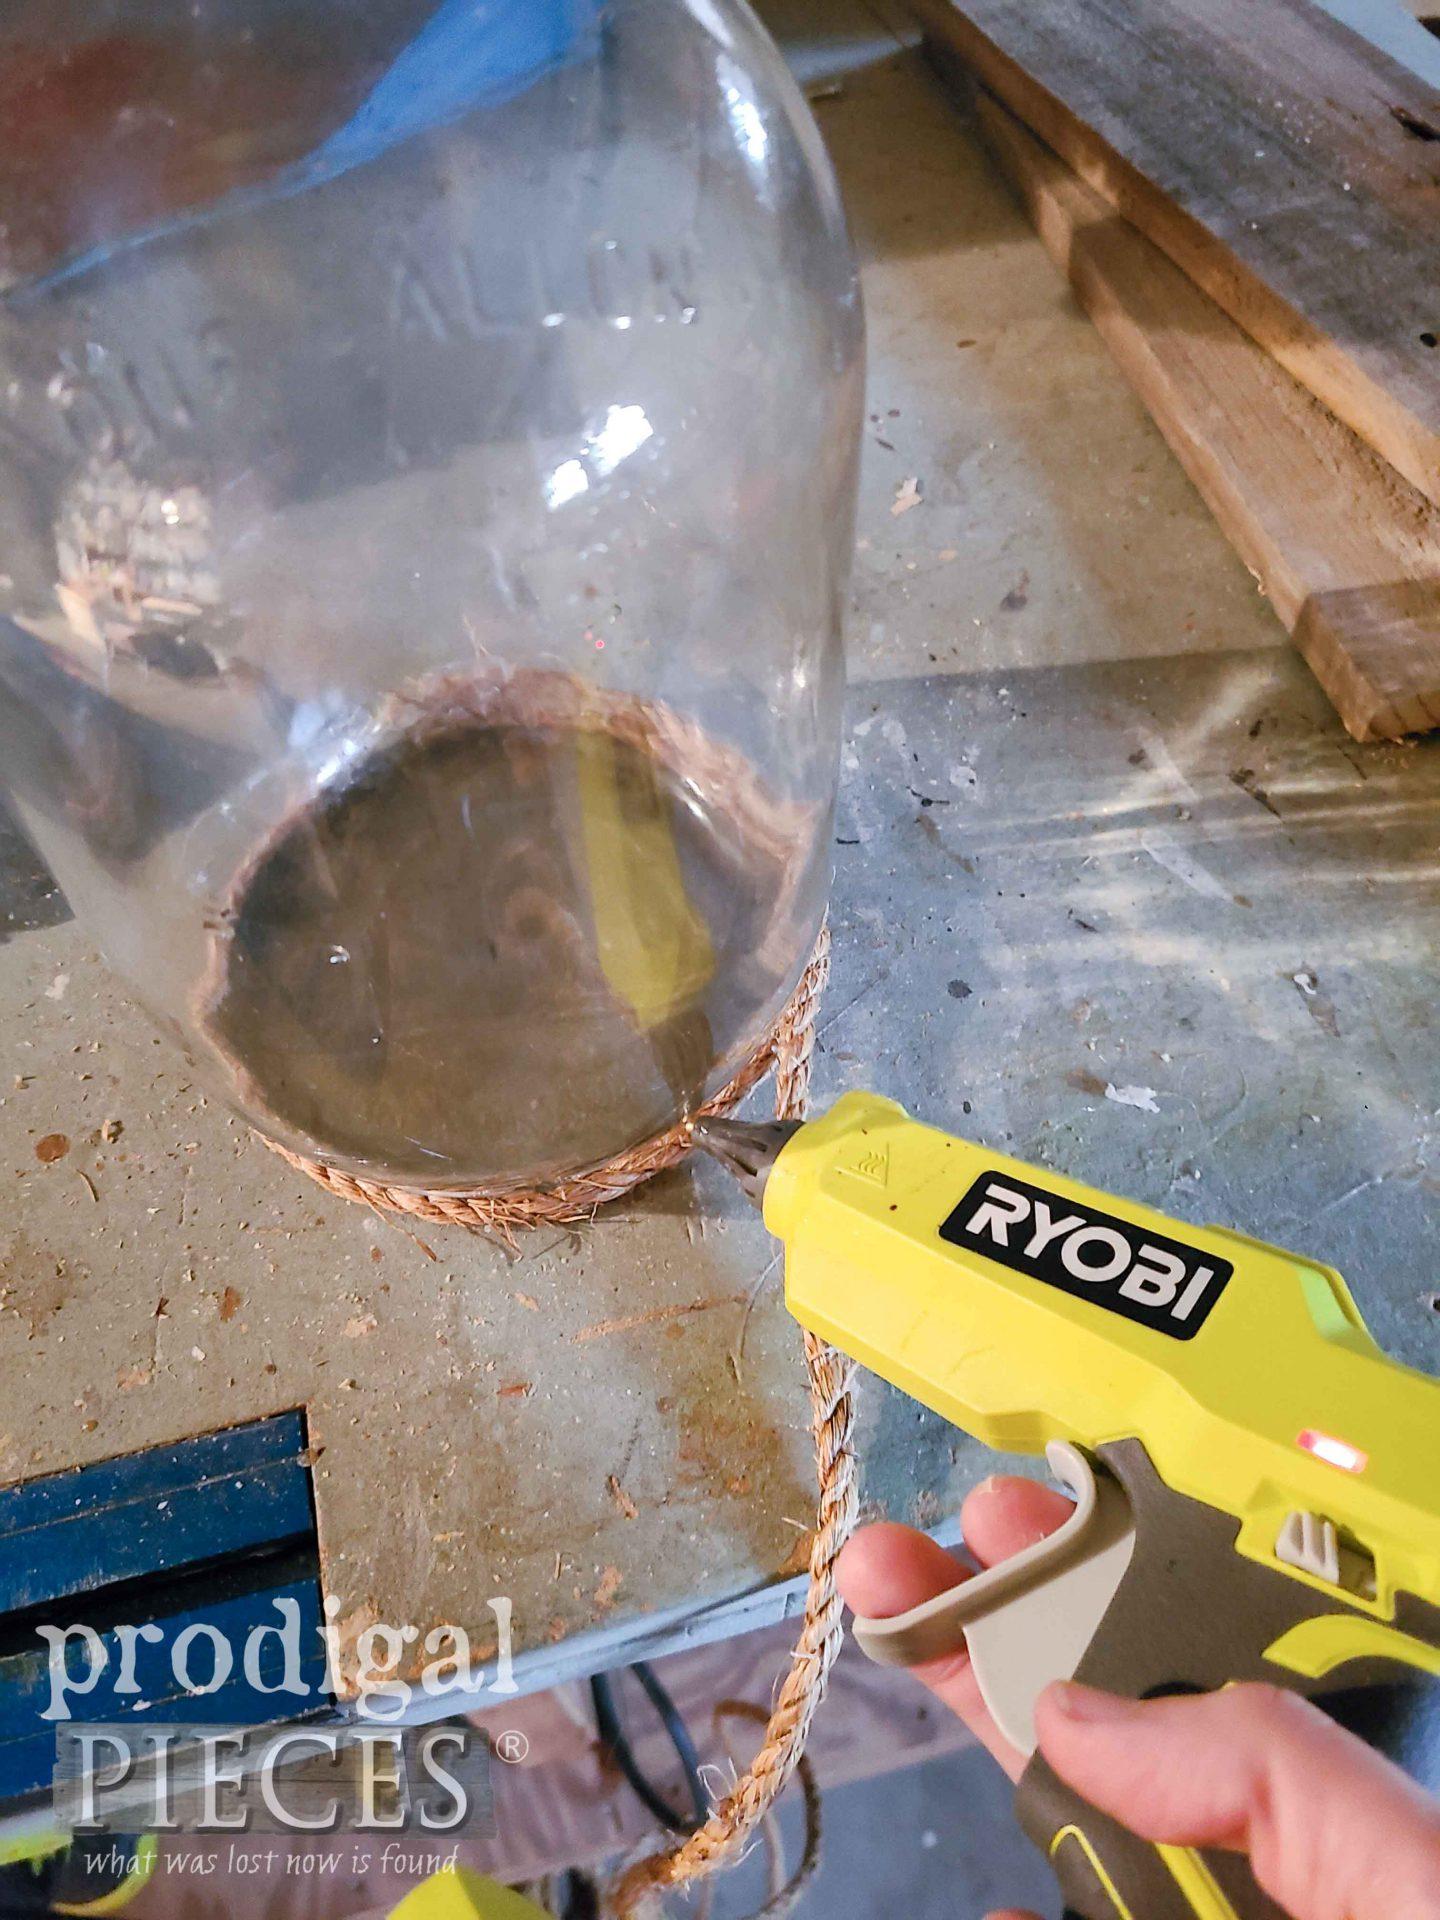 Hot Gluing Rope onto Glass Jug   prodigalpieces.com